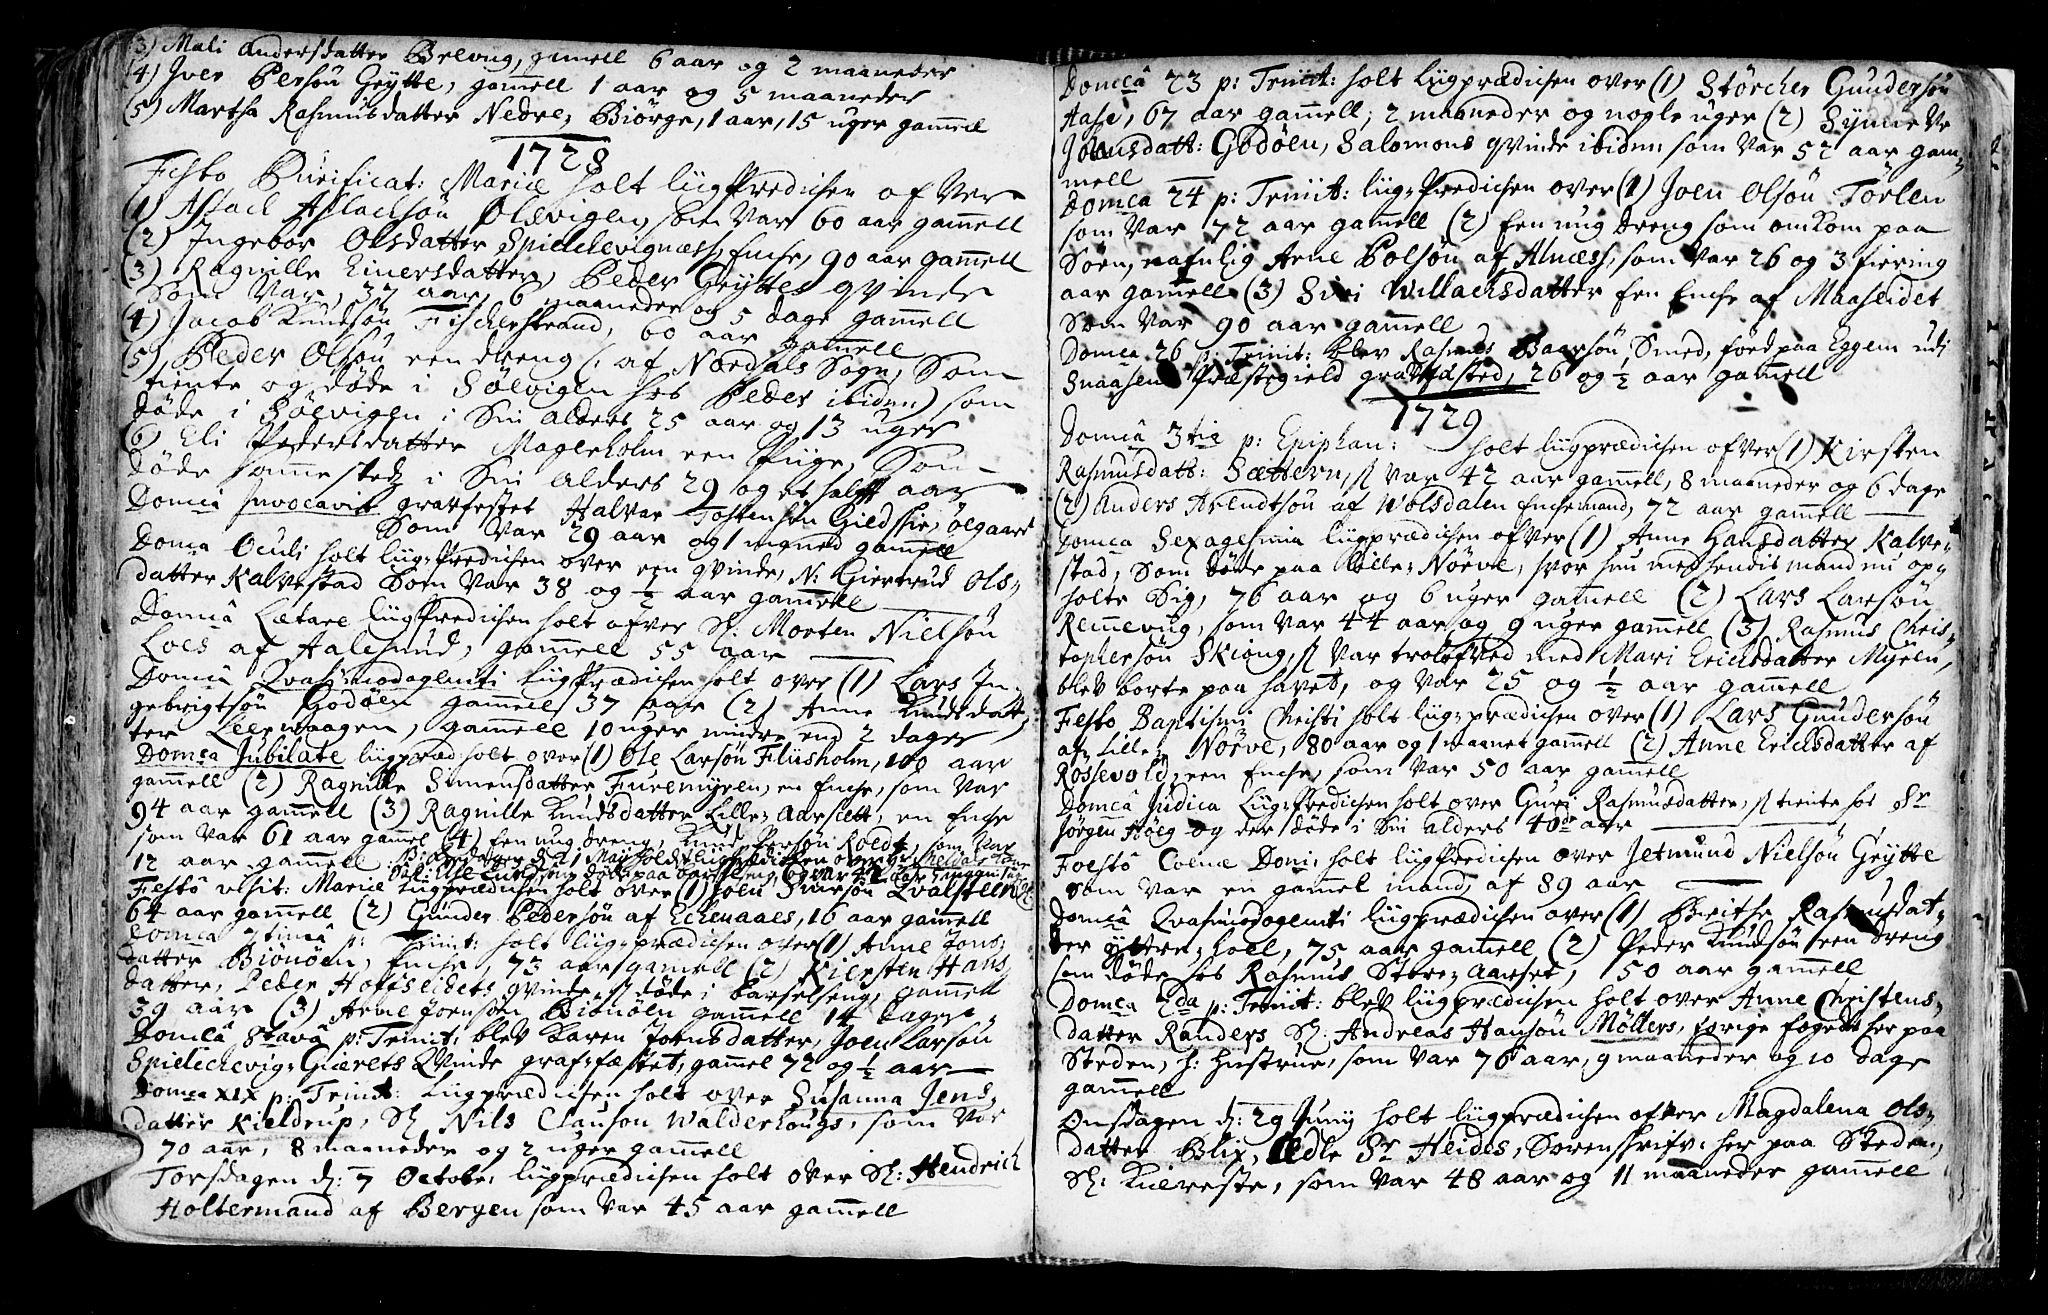 SAT, Ministerialprotokoller, klokkerbøker og fødselsregistre - Møre og Romsdal, 528/L0390: Ministerialbok nr. 528A01, 1698-1739, s. 522-523